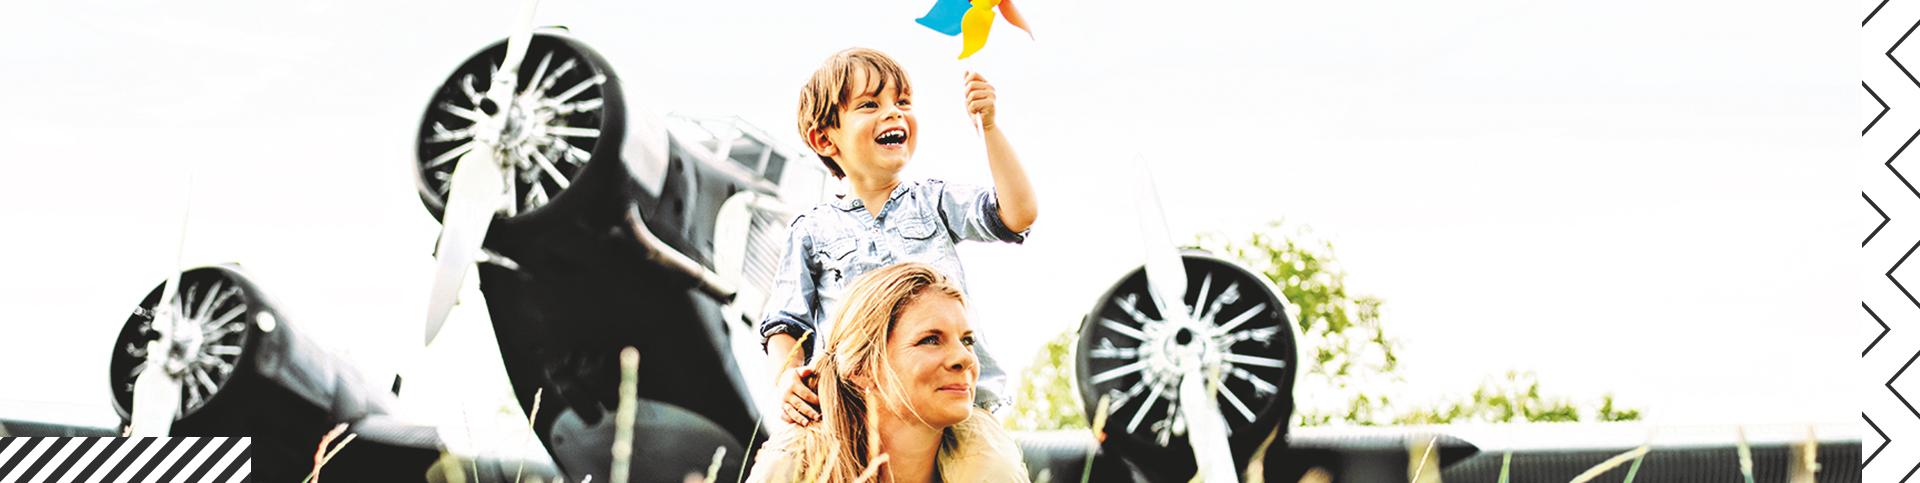 Eine Mutter mit ihrem Sohn vor einem Flugzeug, beide lachen glücklich